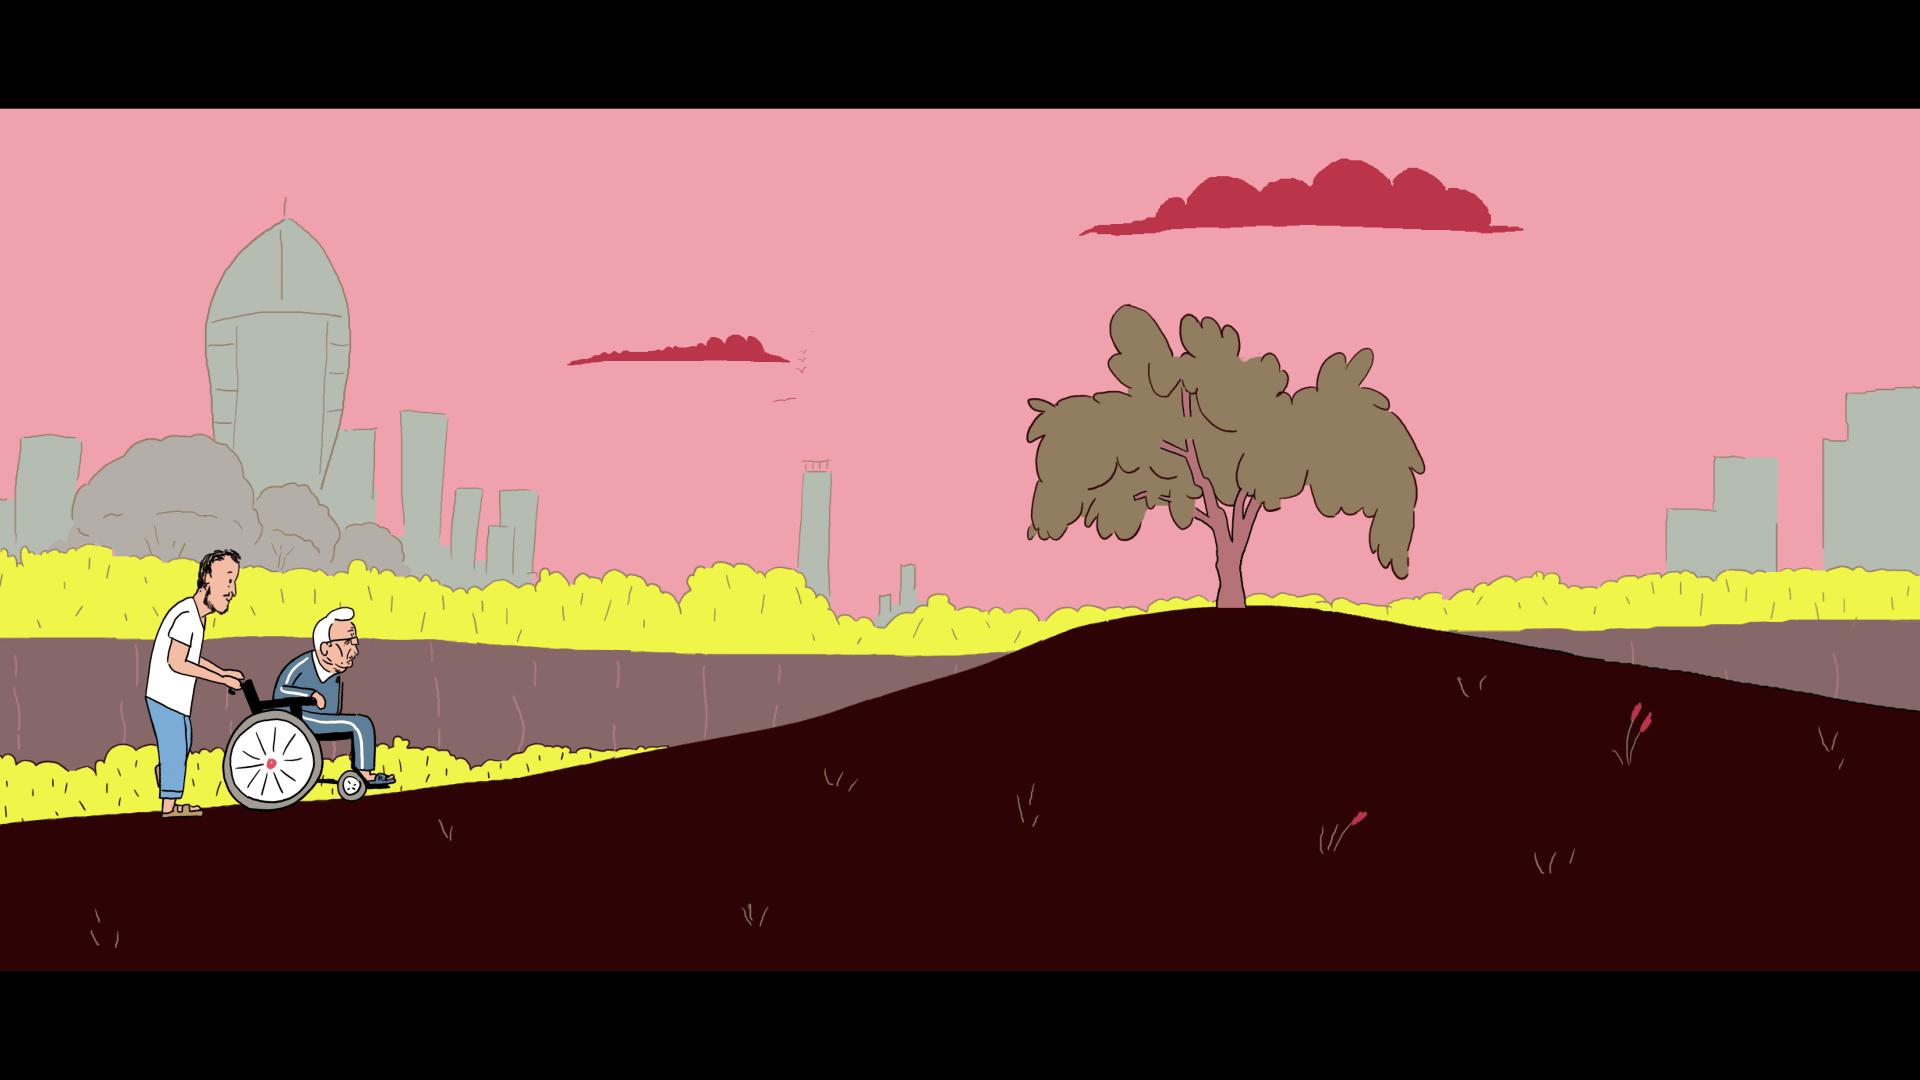 חצי סבא - בן מולינה